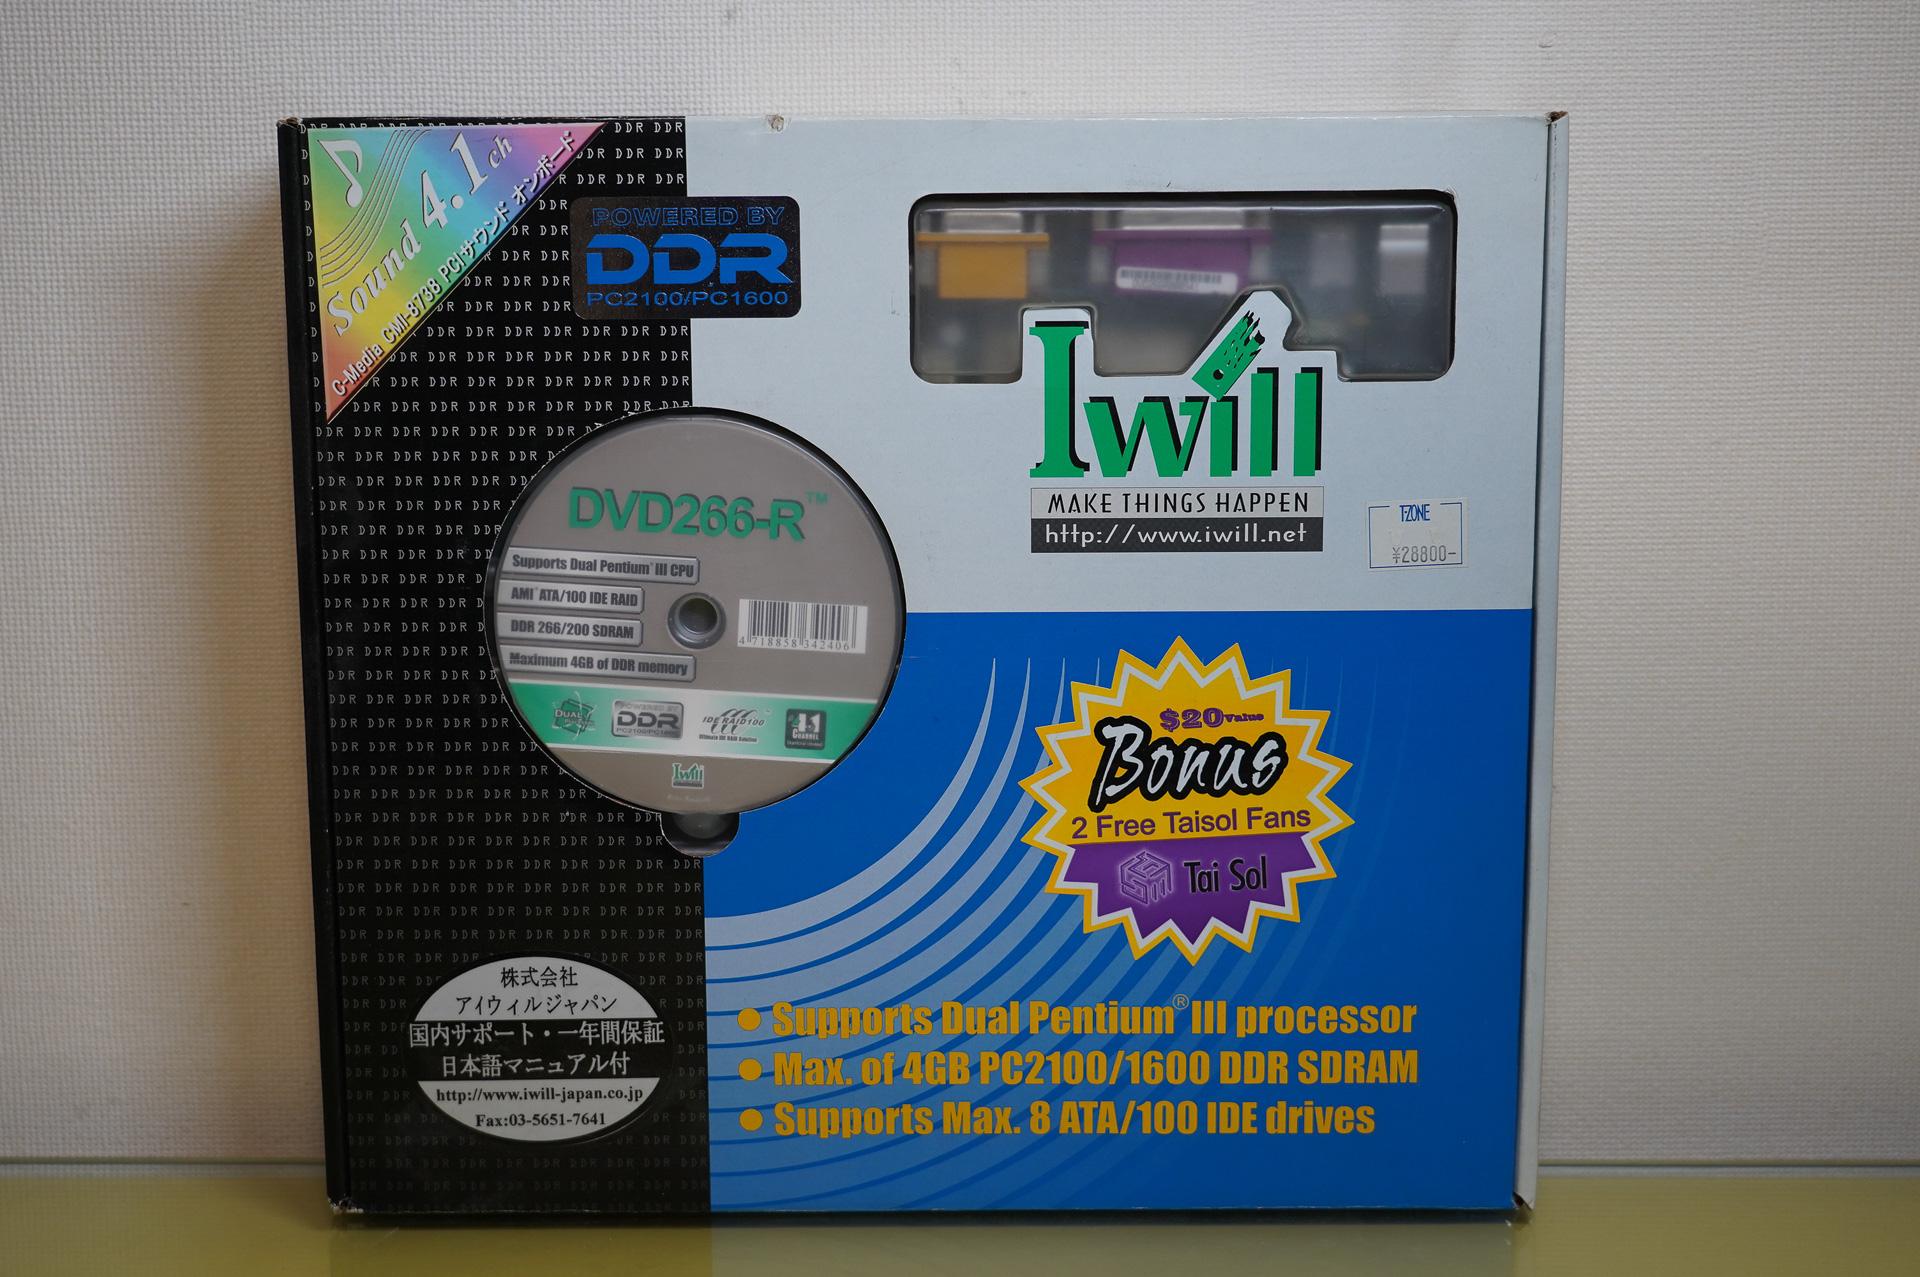 Iwillの日本法人経由で販売されていたDVD266-Rのパッケージ、DVDが見えるようなパッケージになっているのが特徴。当時のパーツショップ「T-ZONE」で28,800円の価格で販売されていたことがついている値札でわかる